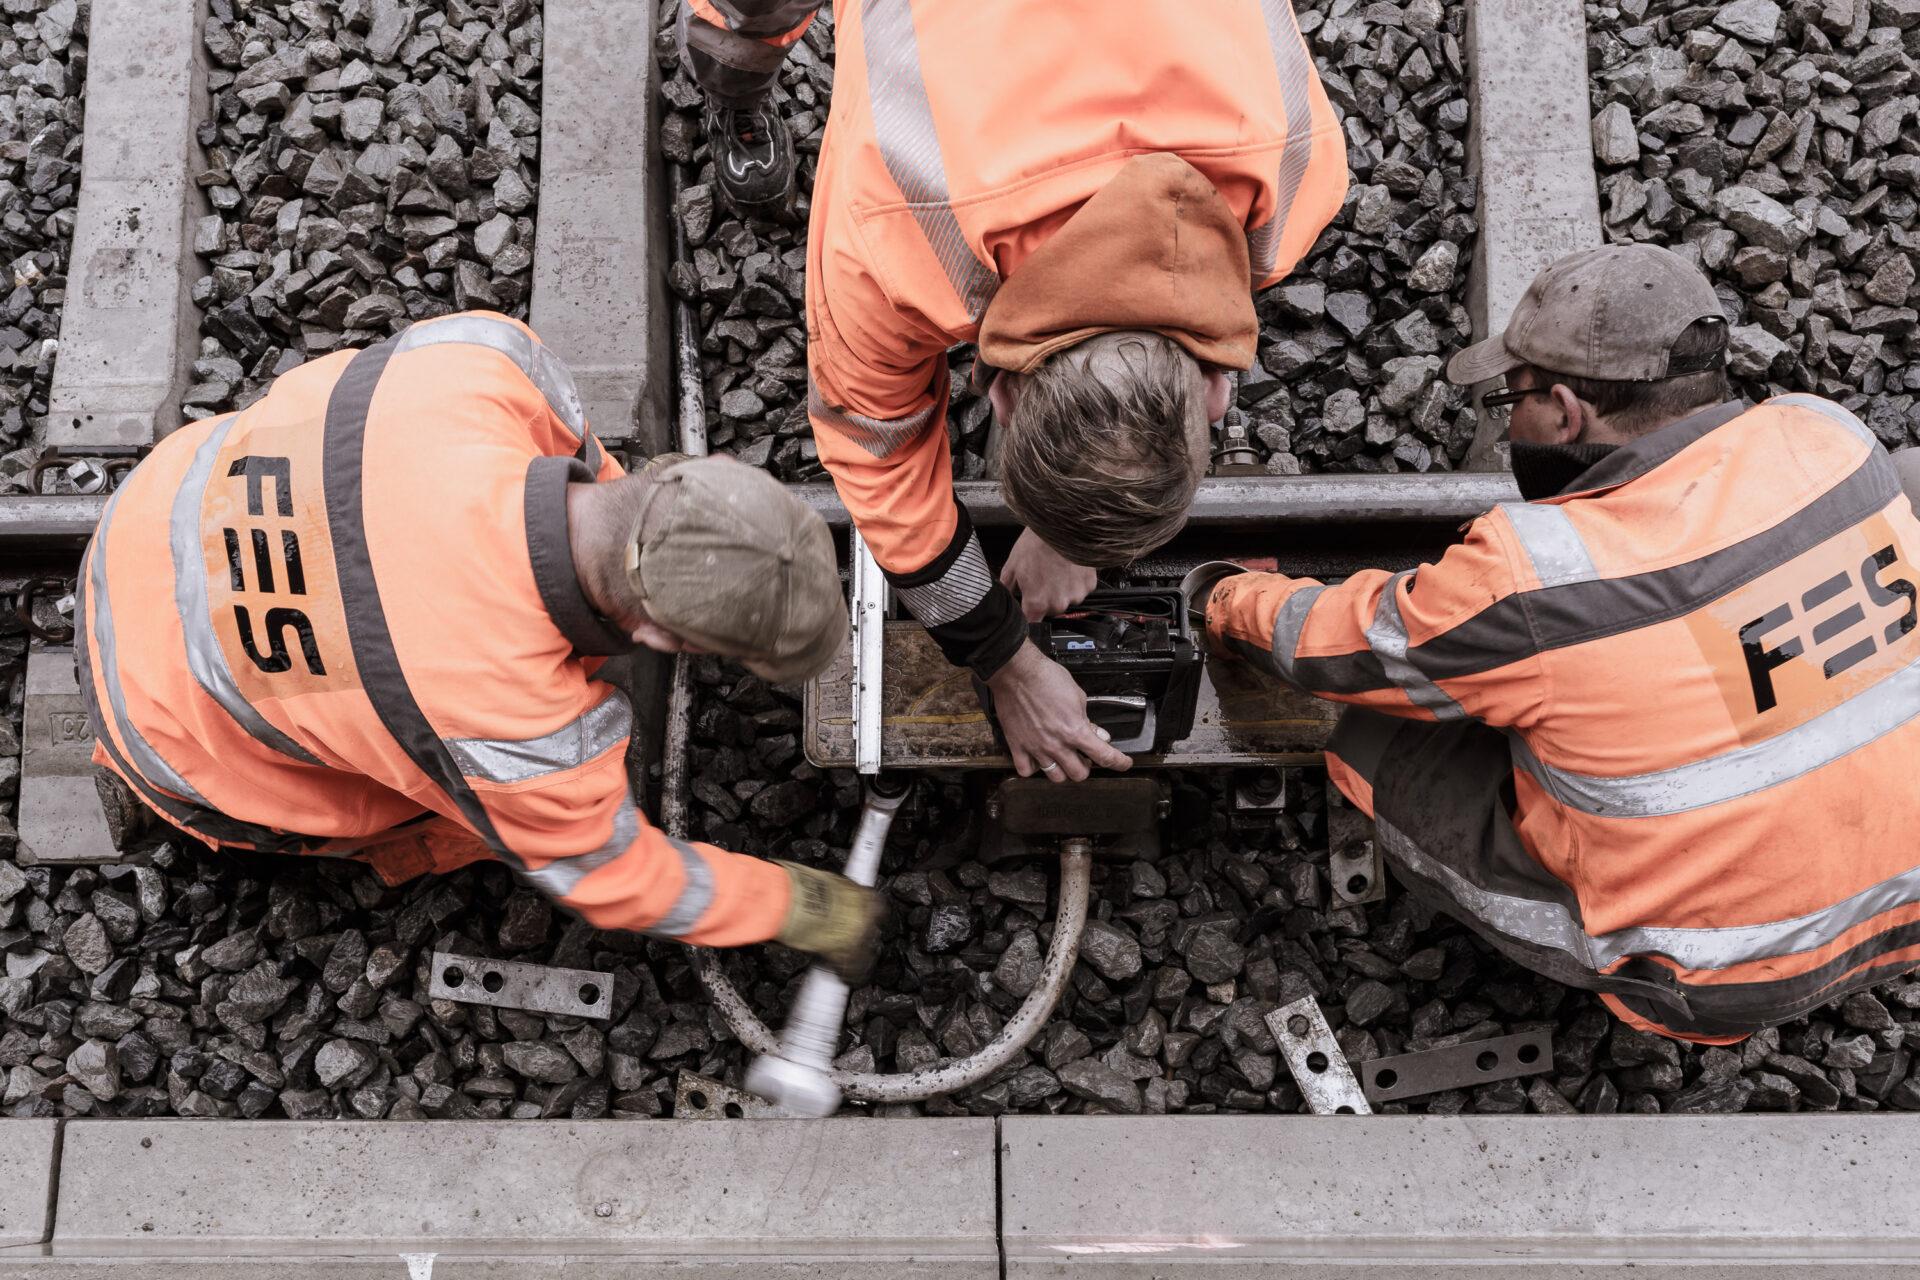 Arbeit, Arbeiter, Aussenaufnahme, Bad Langensalza, Bahn, Bahntechnik, Eisenbahn, FES, Reparatur, Schiene, Weiche, image